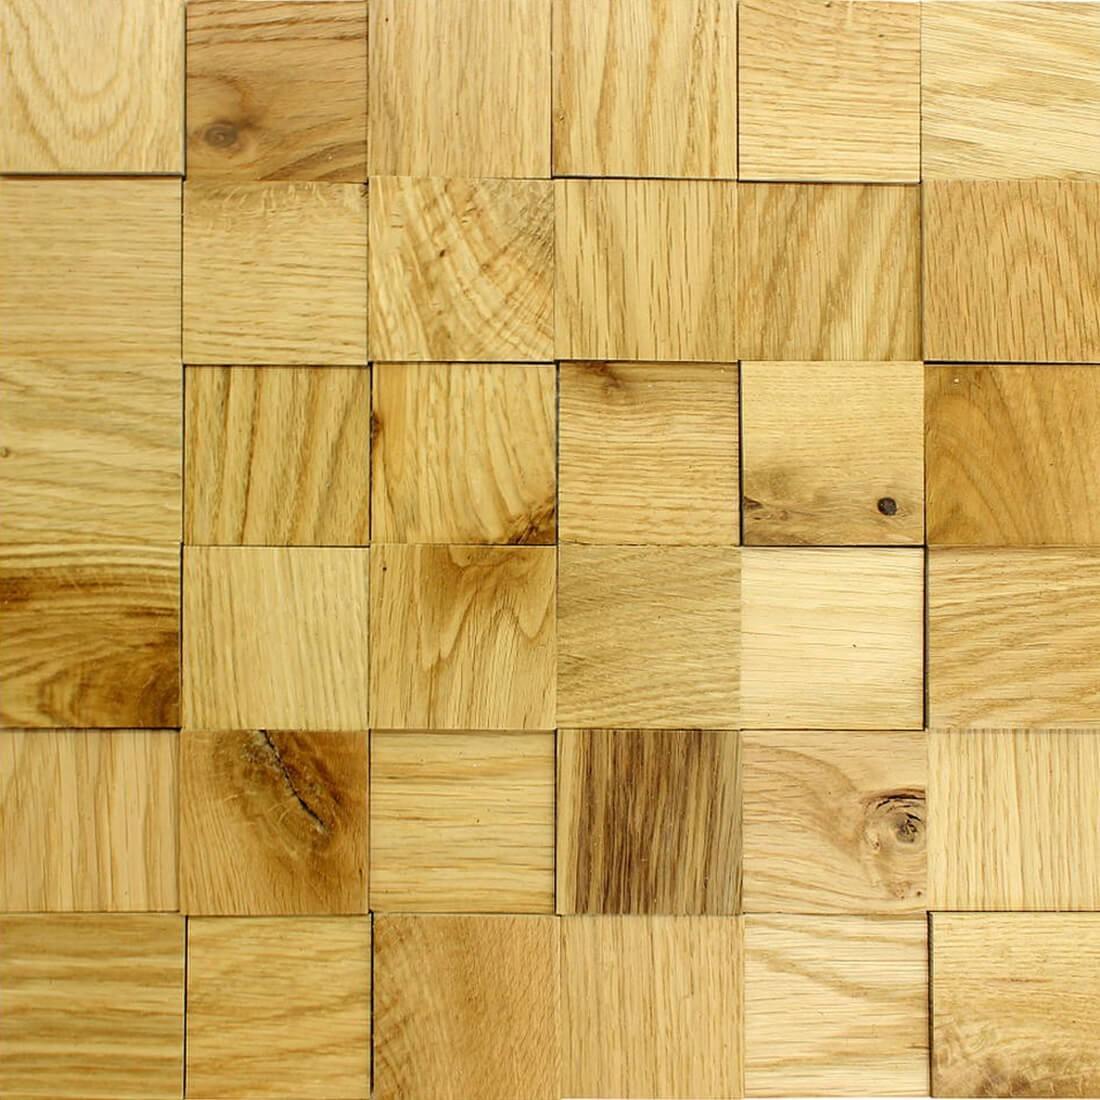 Recouvrir Du Lambris Bois lambris adhésif bois | plaquette de bois chêne huilé